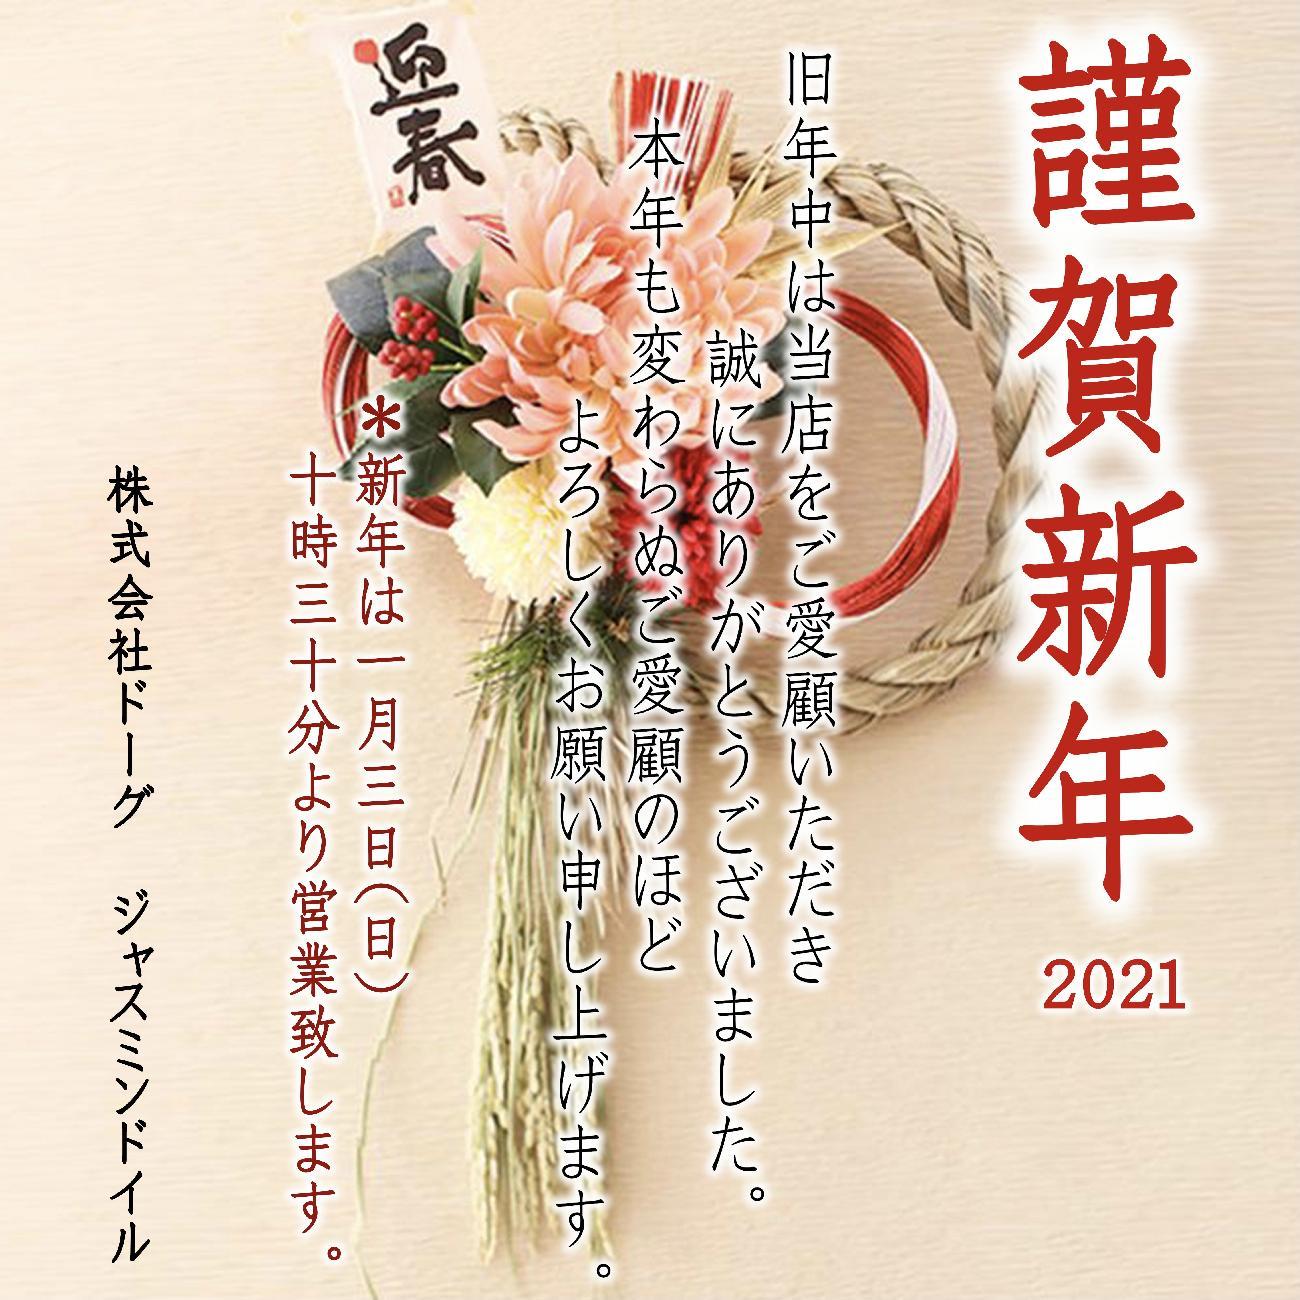 新年/挨拶/初売り/福袋/雑貨屋/津山/岡山